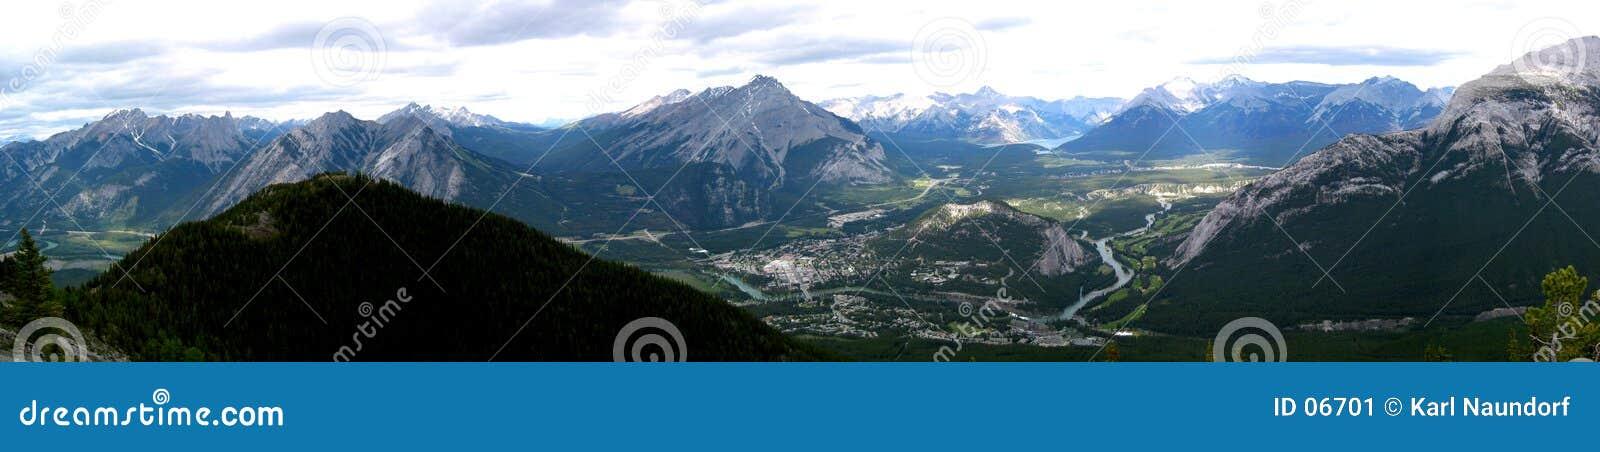 Berg Banff-Townsite panoramisch